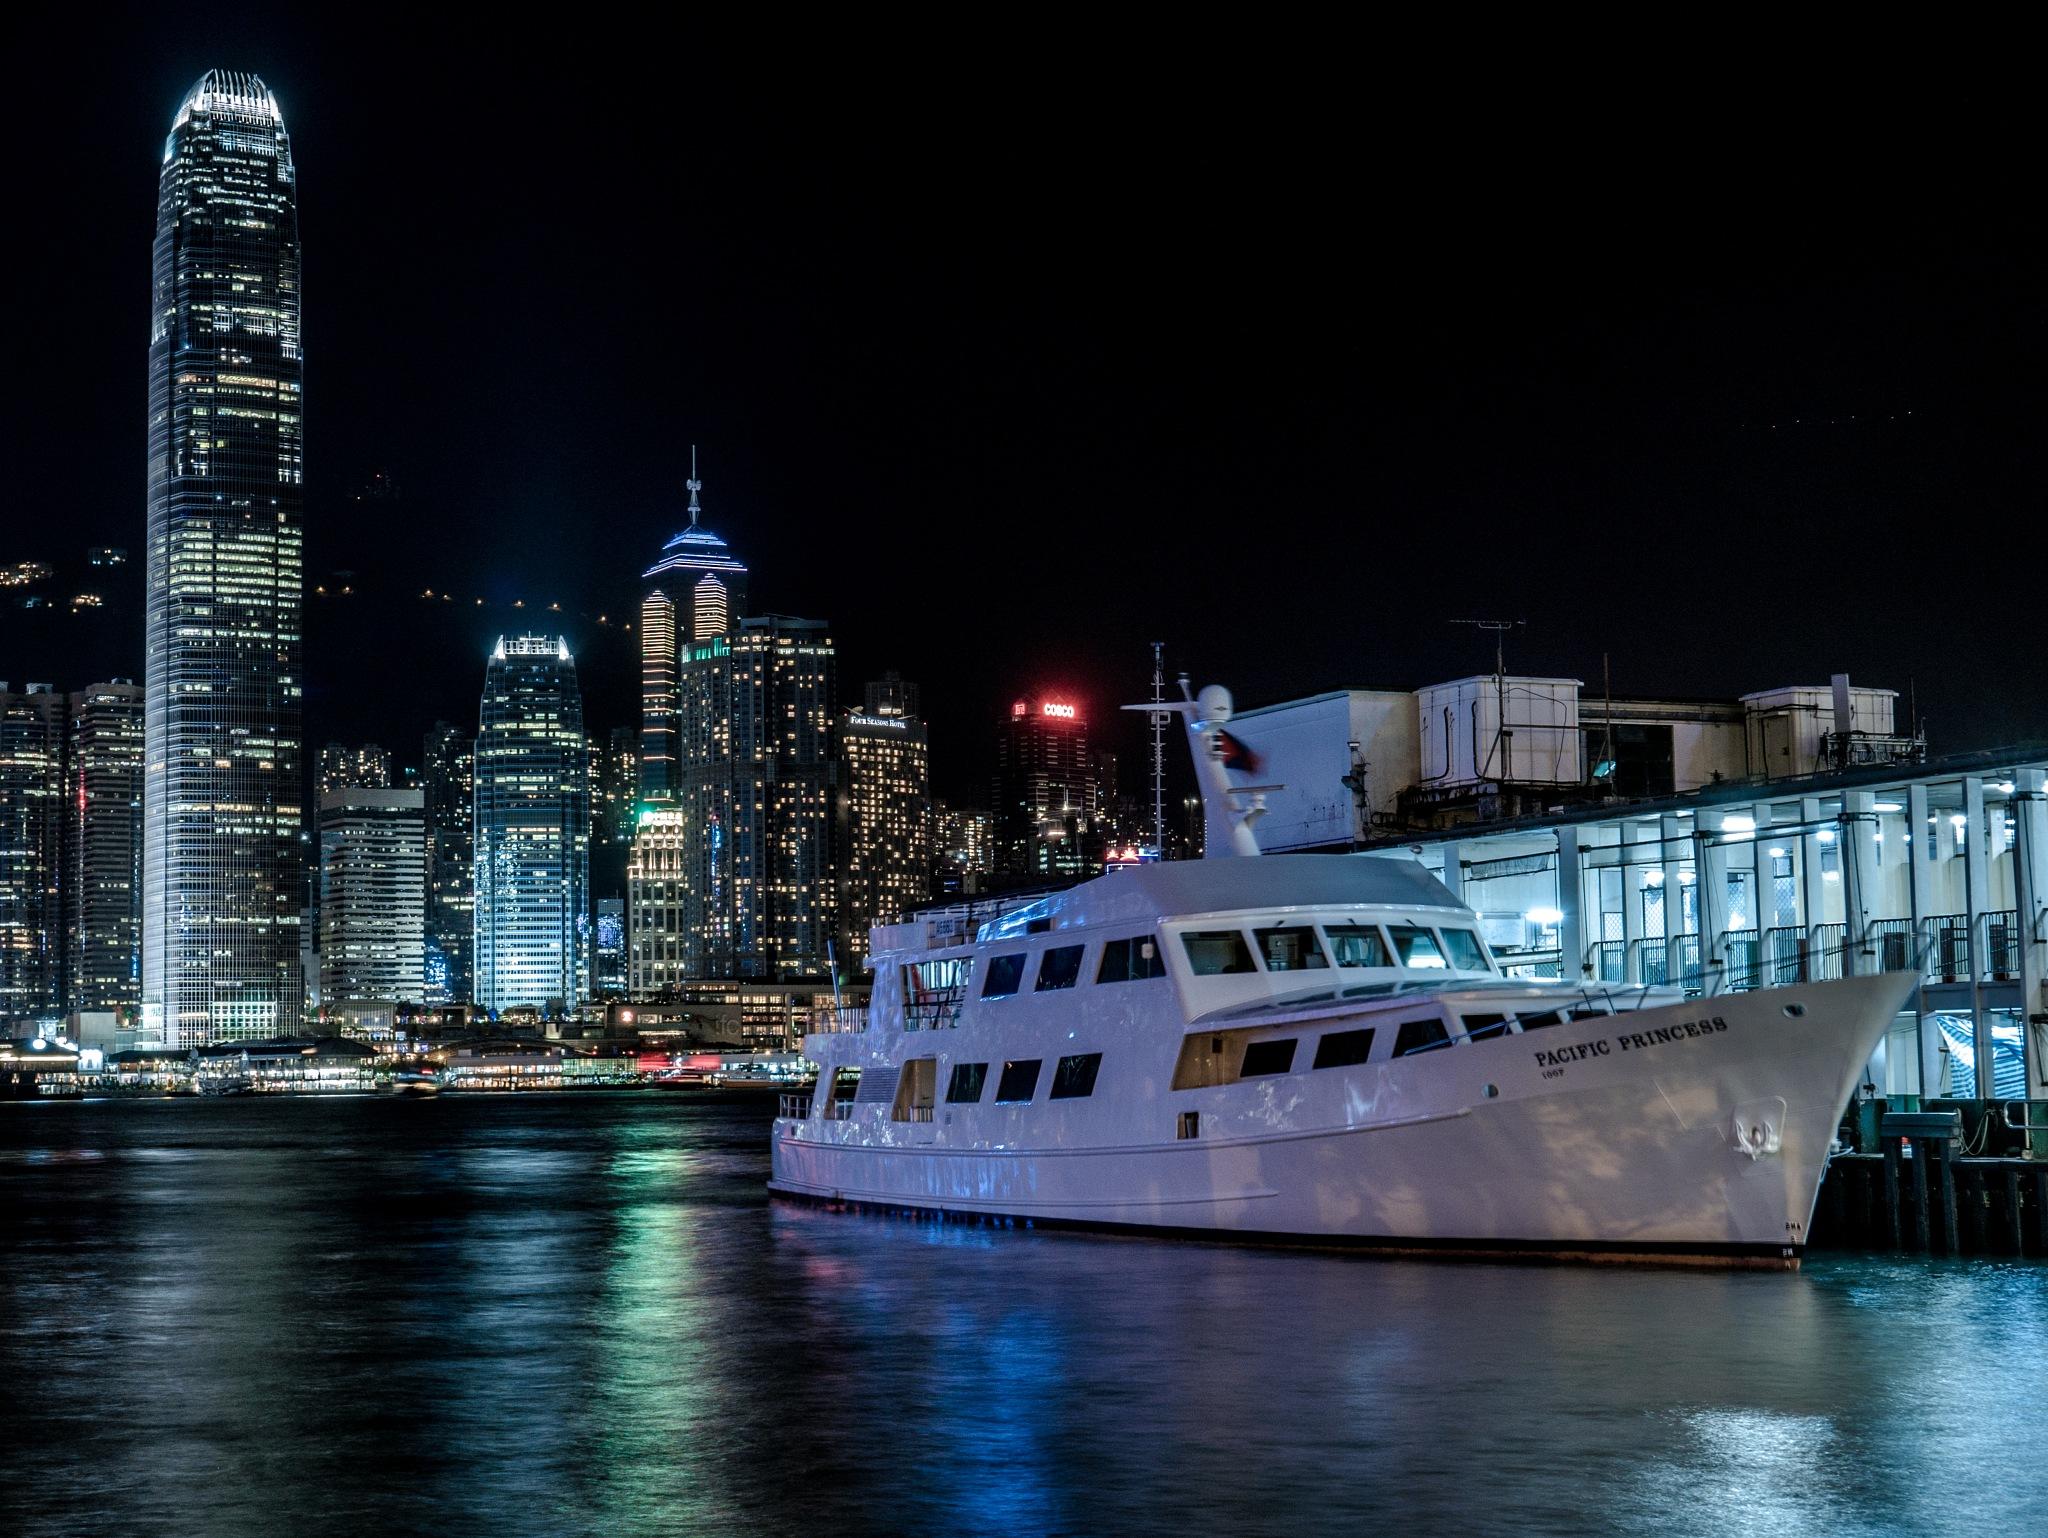 A ship at Tsim Sha Tsui ferry terminal by nobu_24